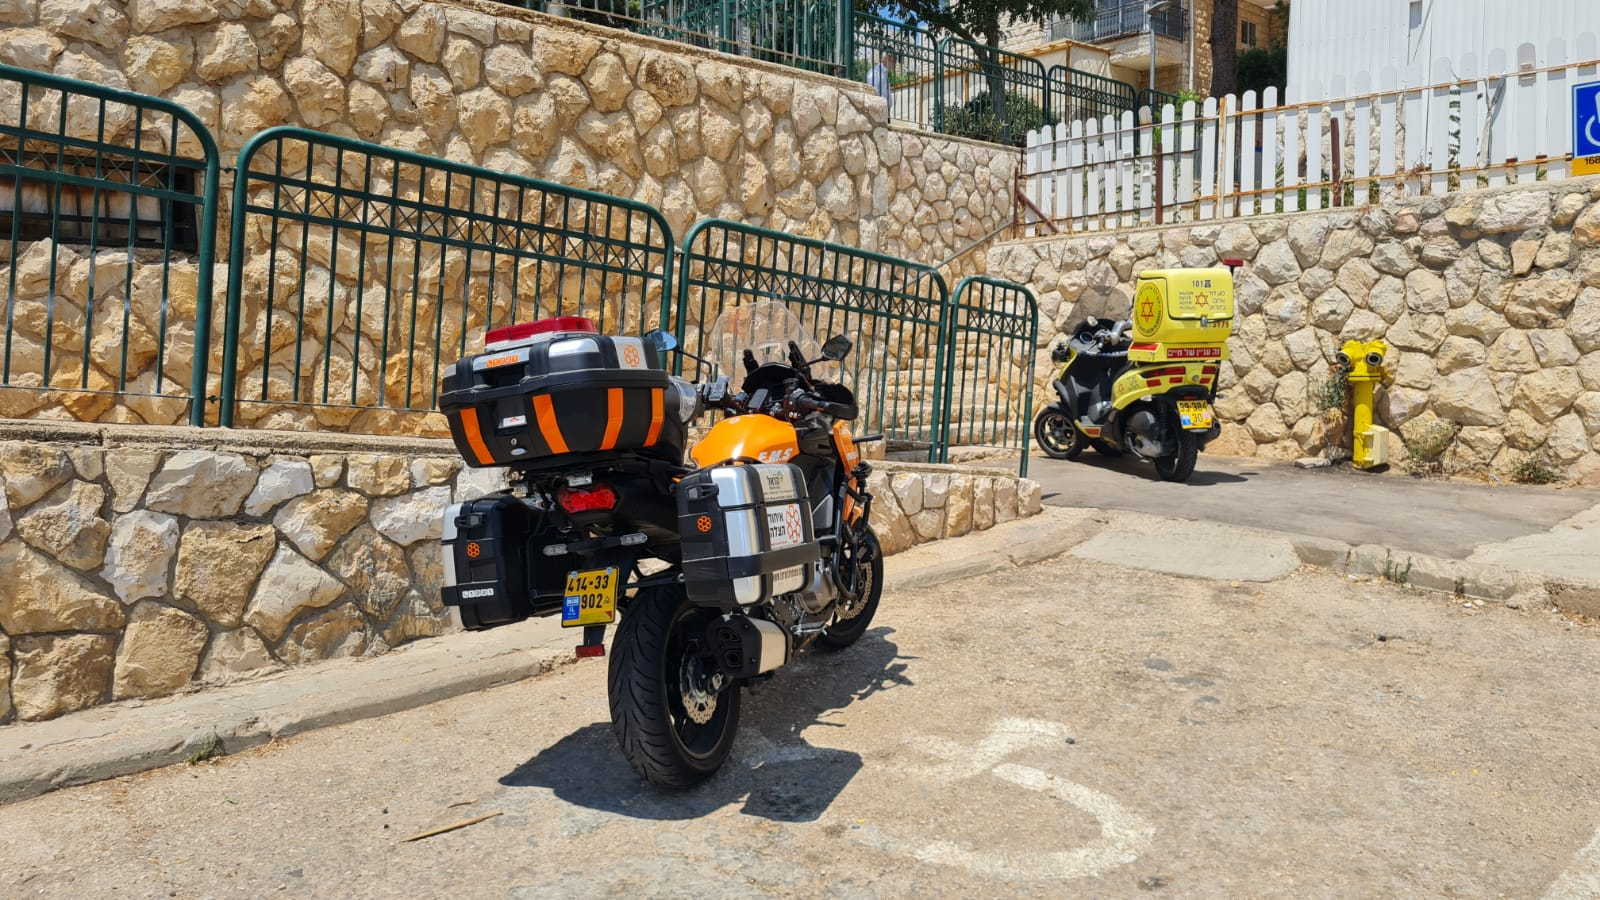 ההחייאה על פעוטה בירושלים (צילום: דוברות איחוד הצלה)